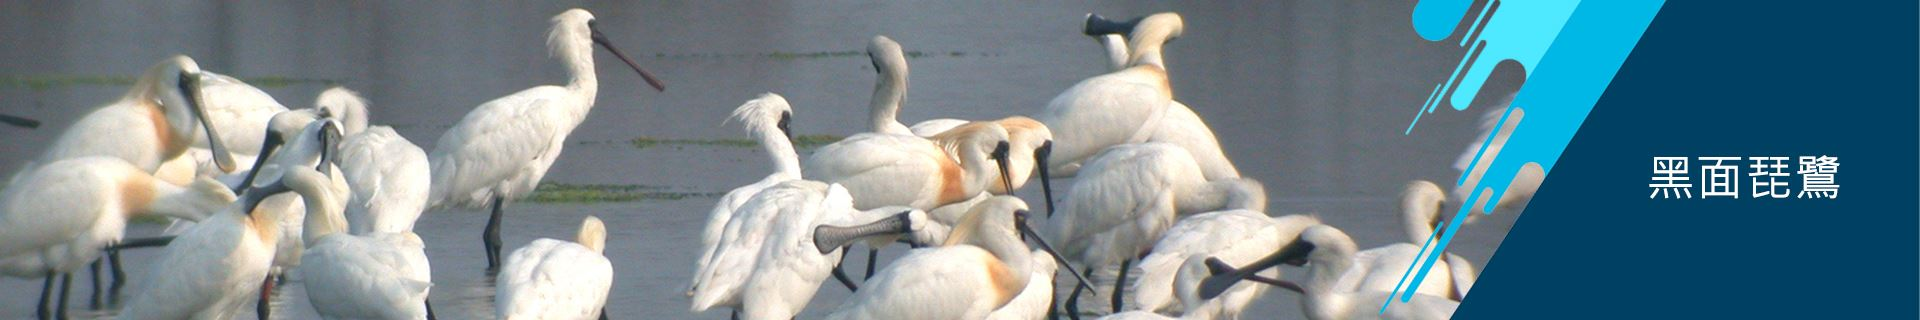 安南區公所-黑面琵鷺